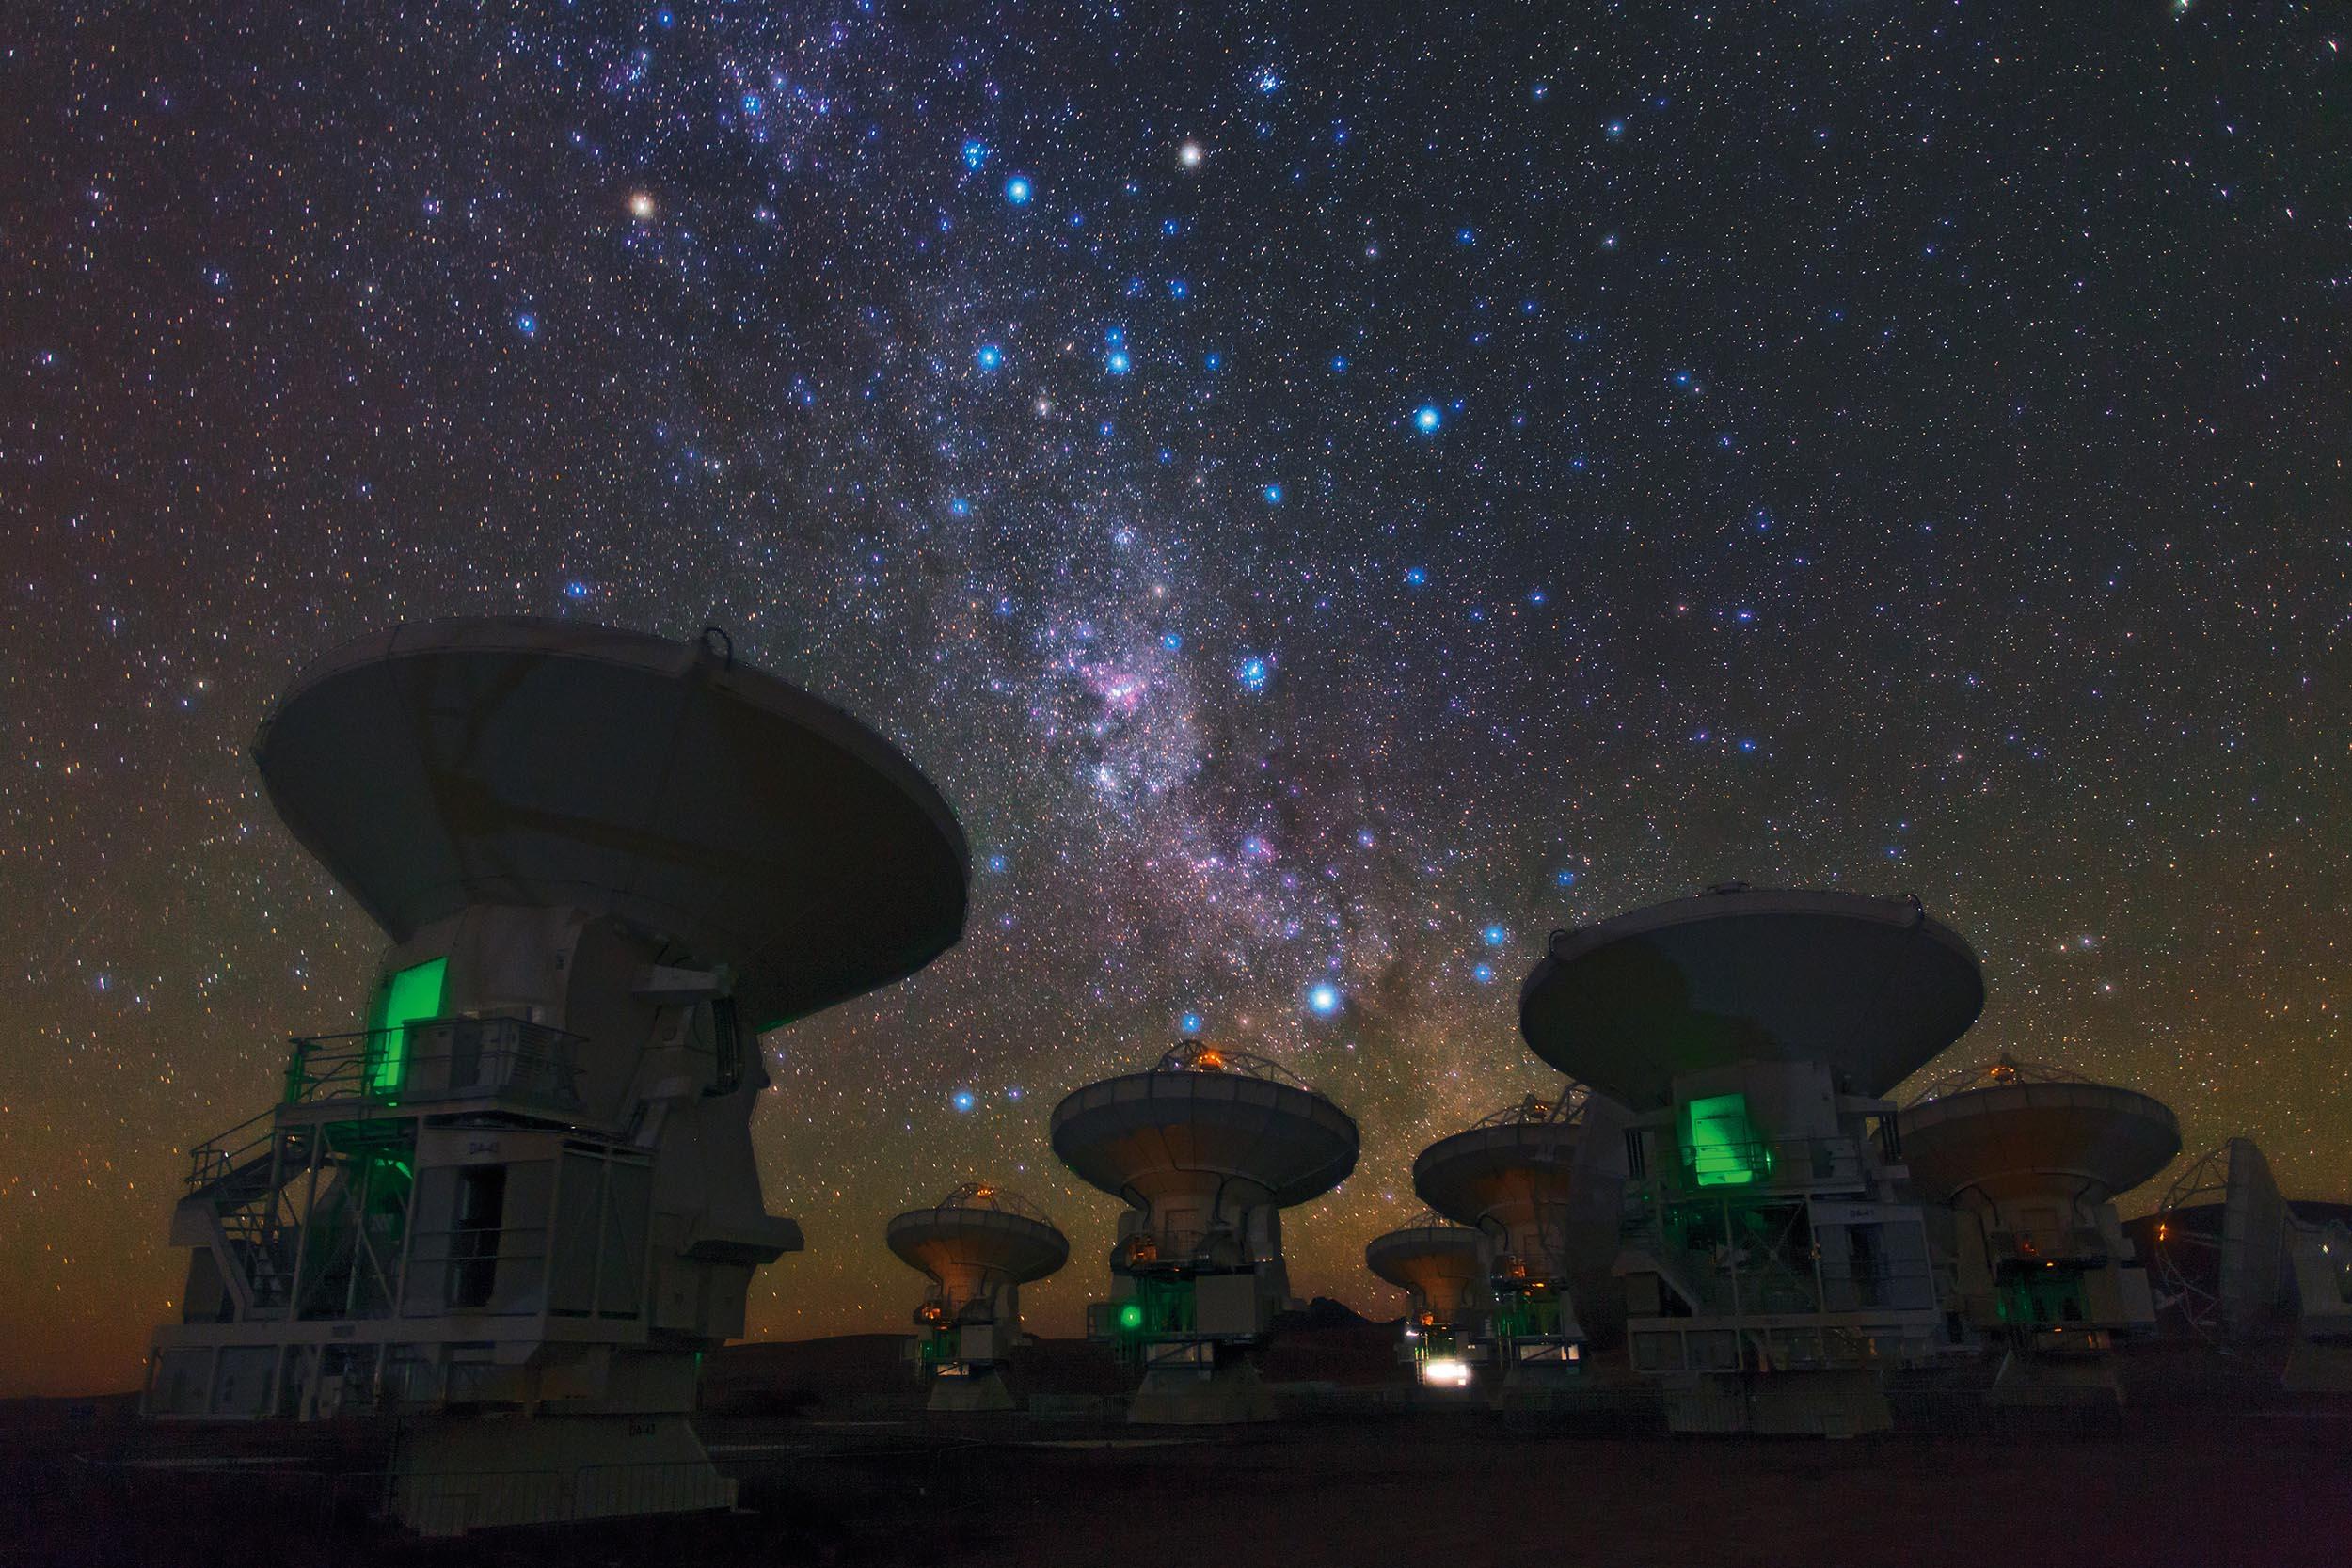 阿塔卡瑪大型毫米波天線陣中的一些無線電望遠鏡,運用了「天文干涉技術」。若要用單一望遠鏡看清楚原行星盤,望遠鏡必須非常巨大,技術上很困難。因此天文學家先建造幾個「比較小」的望遠鏡,彼此相隔遙遠,再將它們的觀測資料一起分析,效果等同一台巨大望遠鏡,這就是「天文干涉技術」 。圖│維基百科